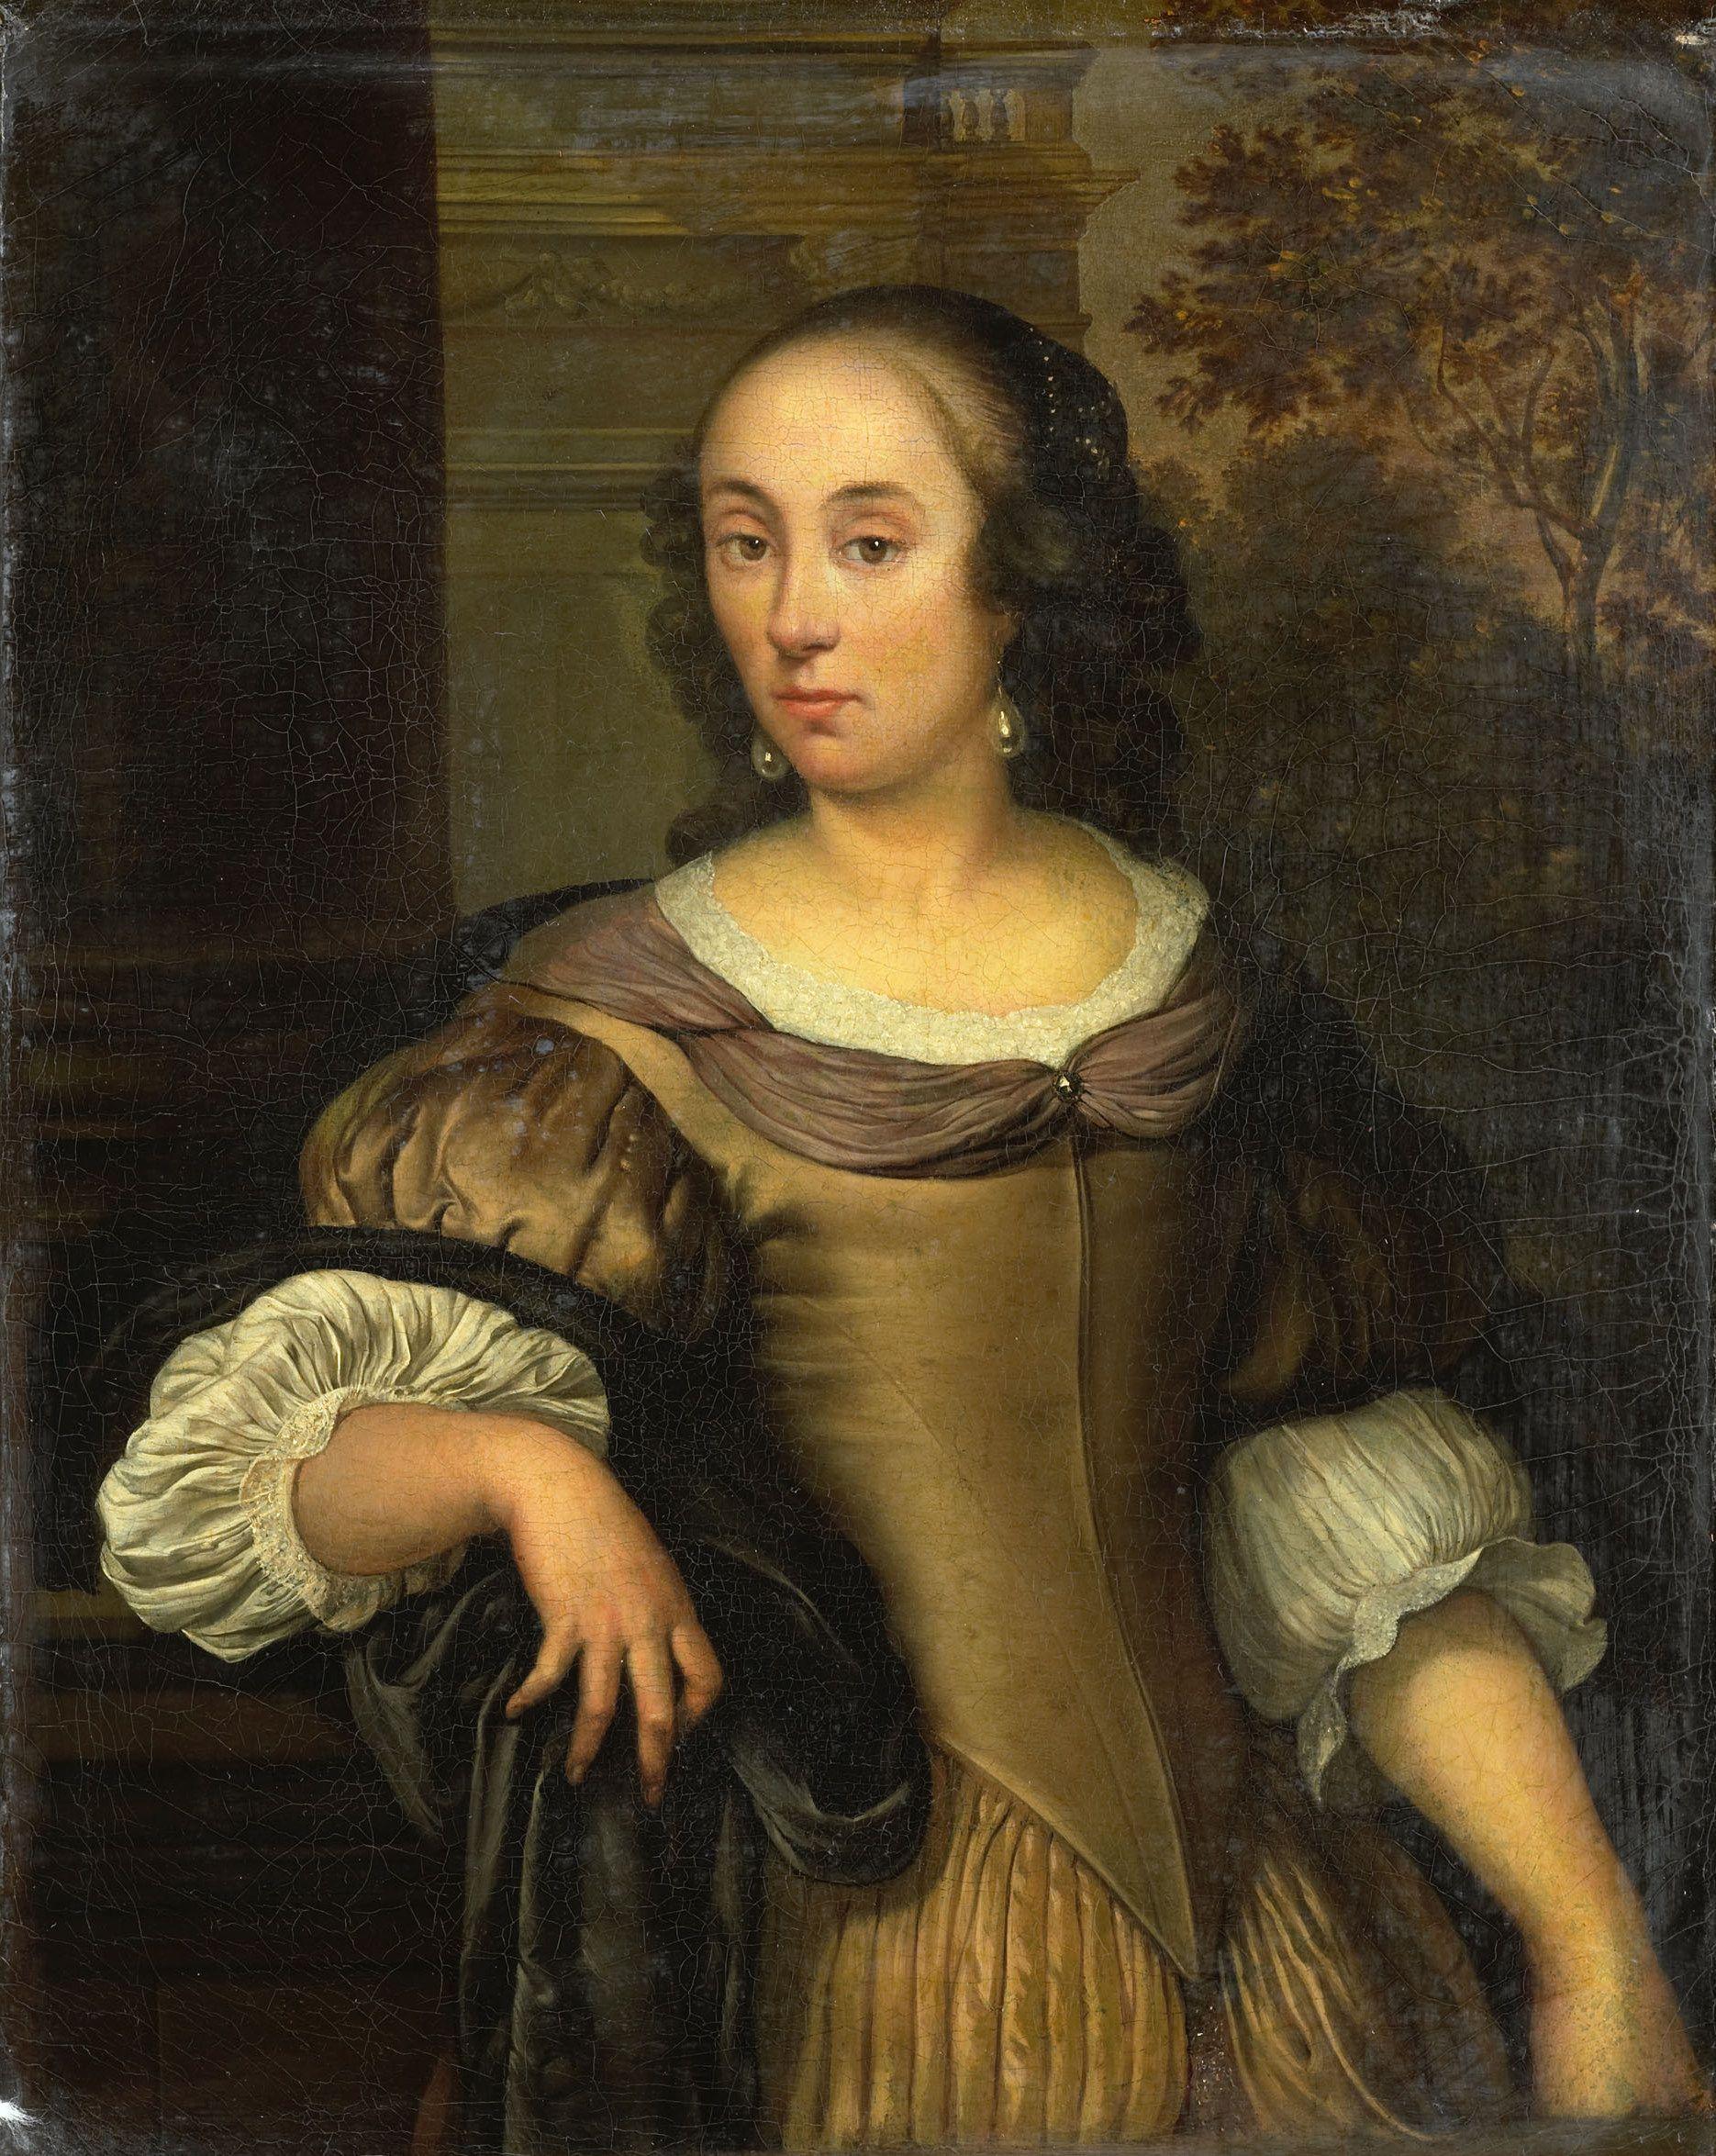 Eglon van der Neer - Portret van een jonge vrouw